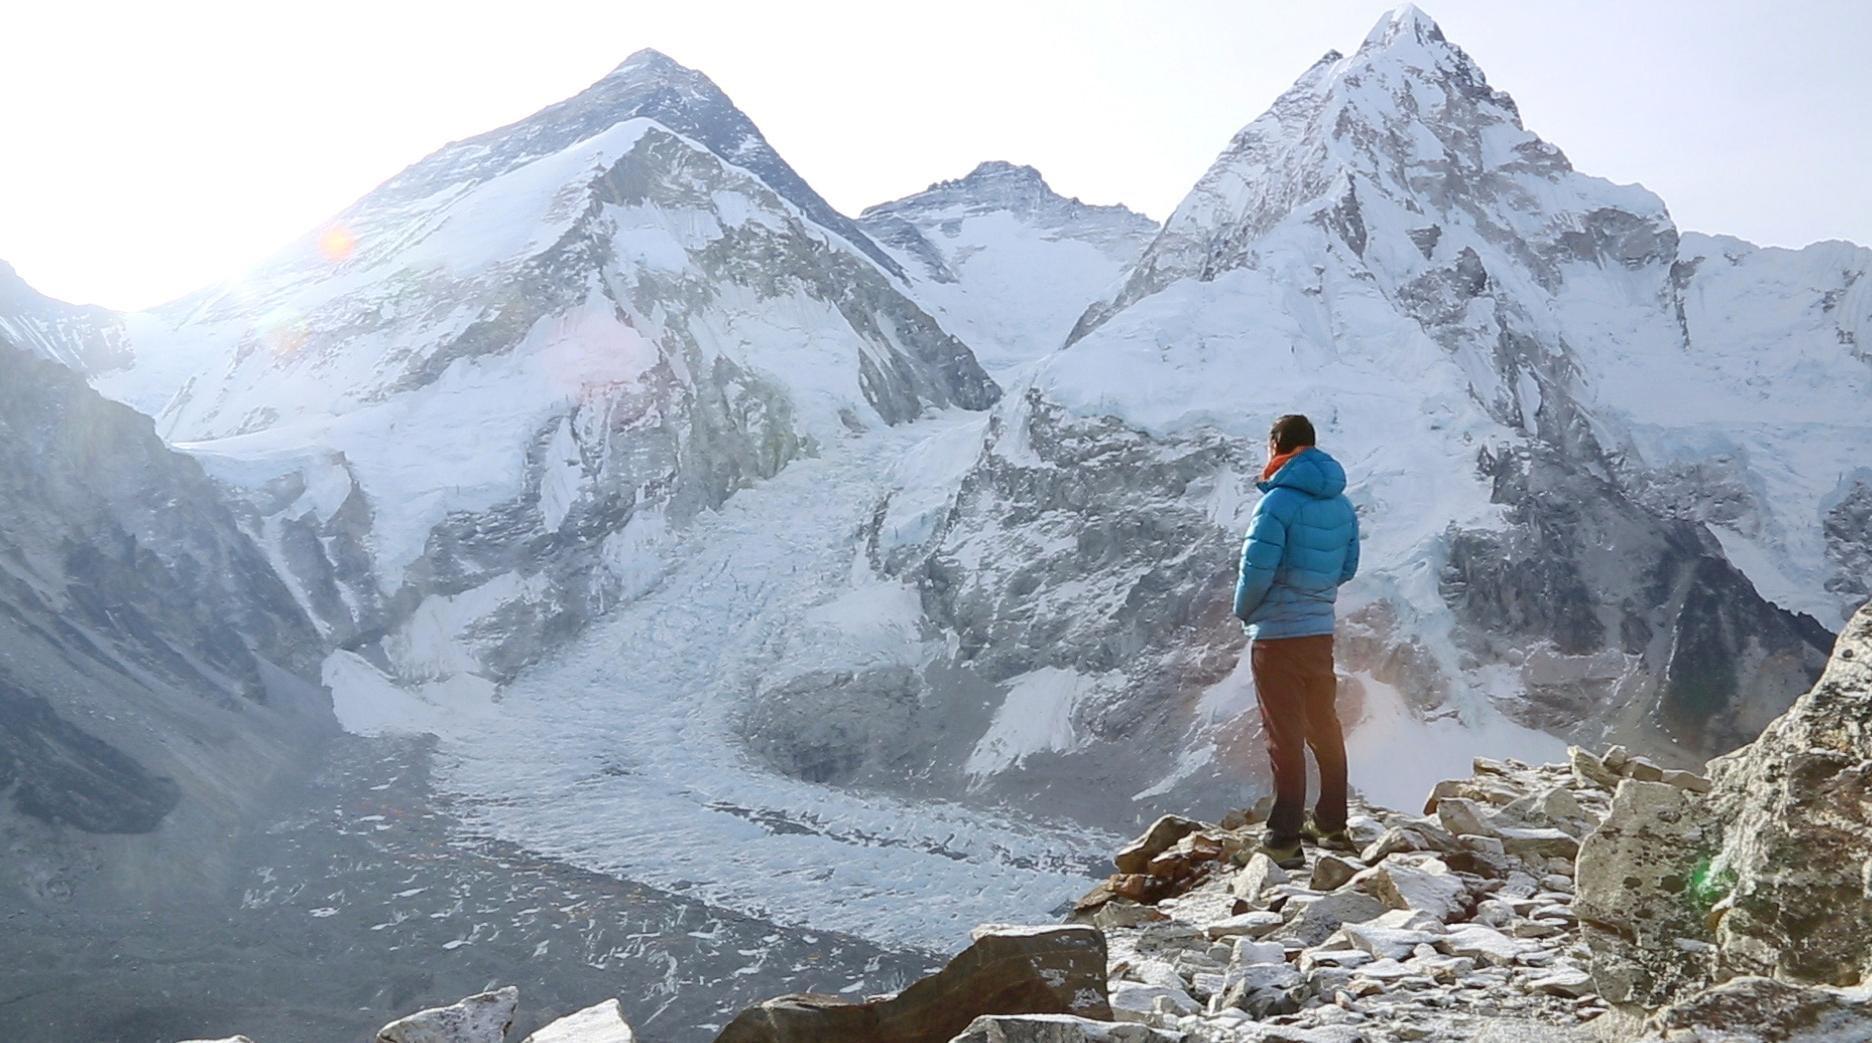 10 อันดับภูเขาที่สูงที่สุดในโลก คุณรู้แล้วหรือยังว่ามีอะไรบ้าง